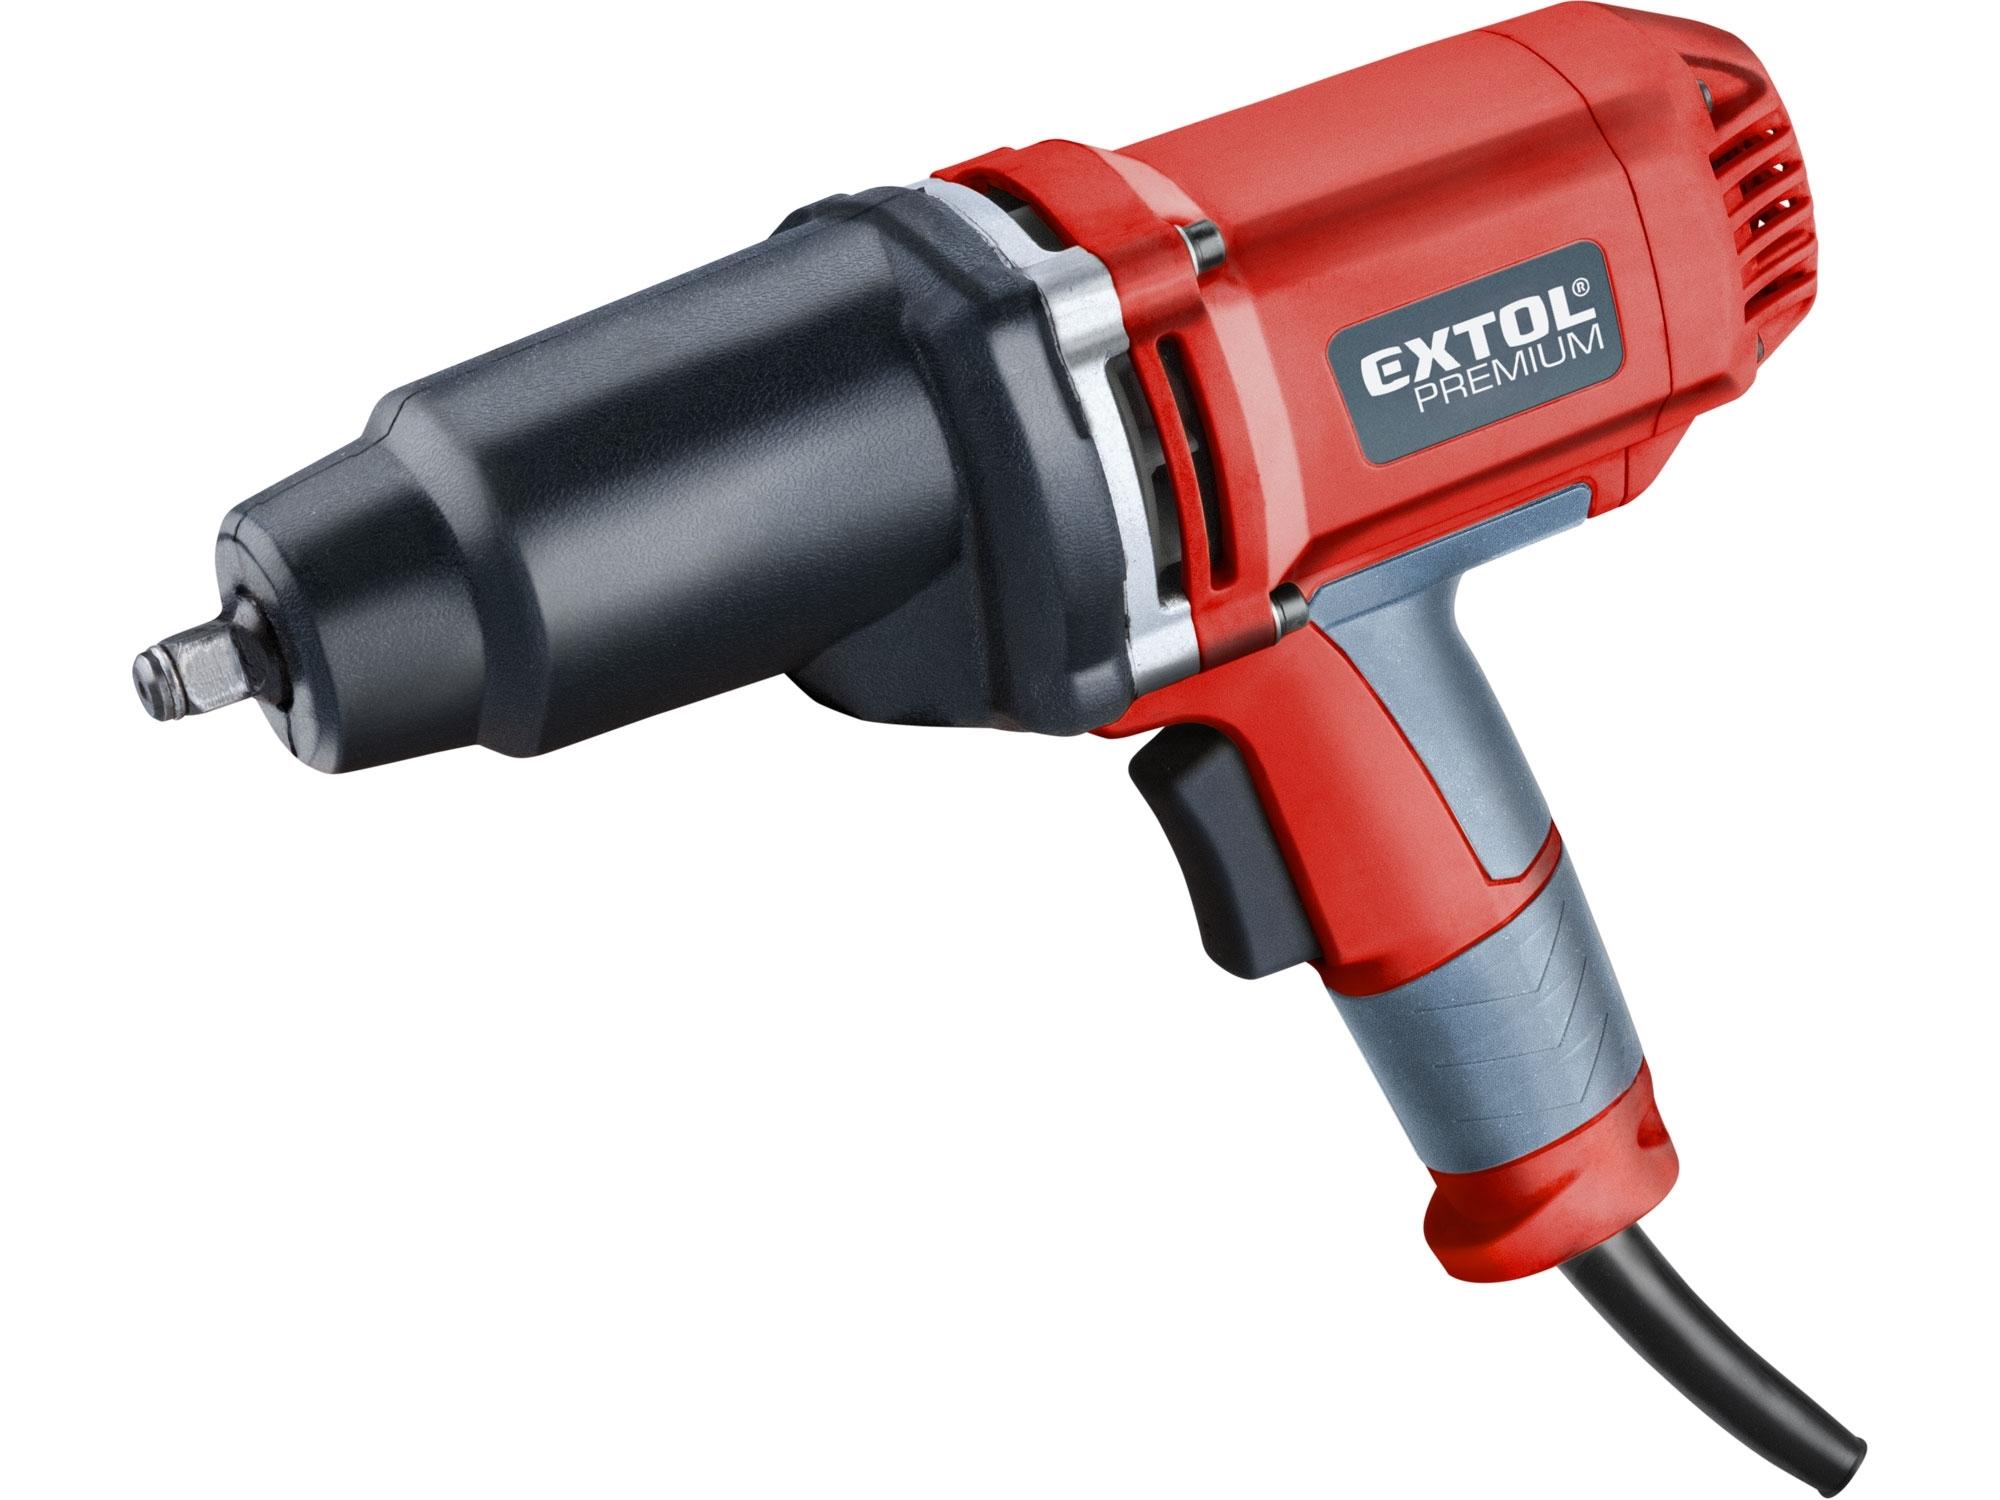 Rázový elektrický utahovák WR 500 EXTOL Premium 8890603